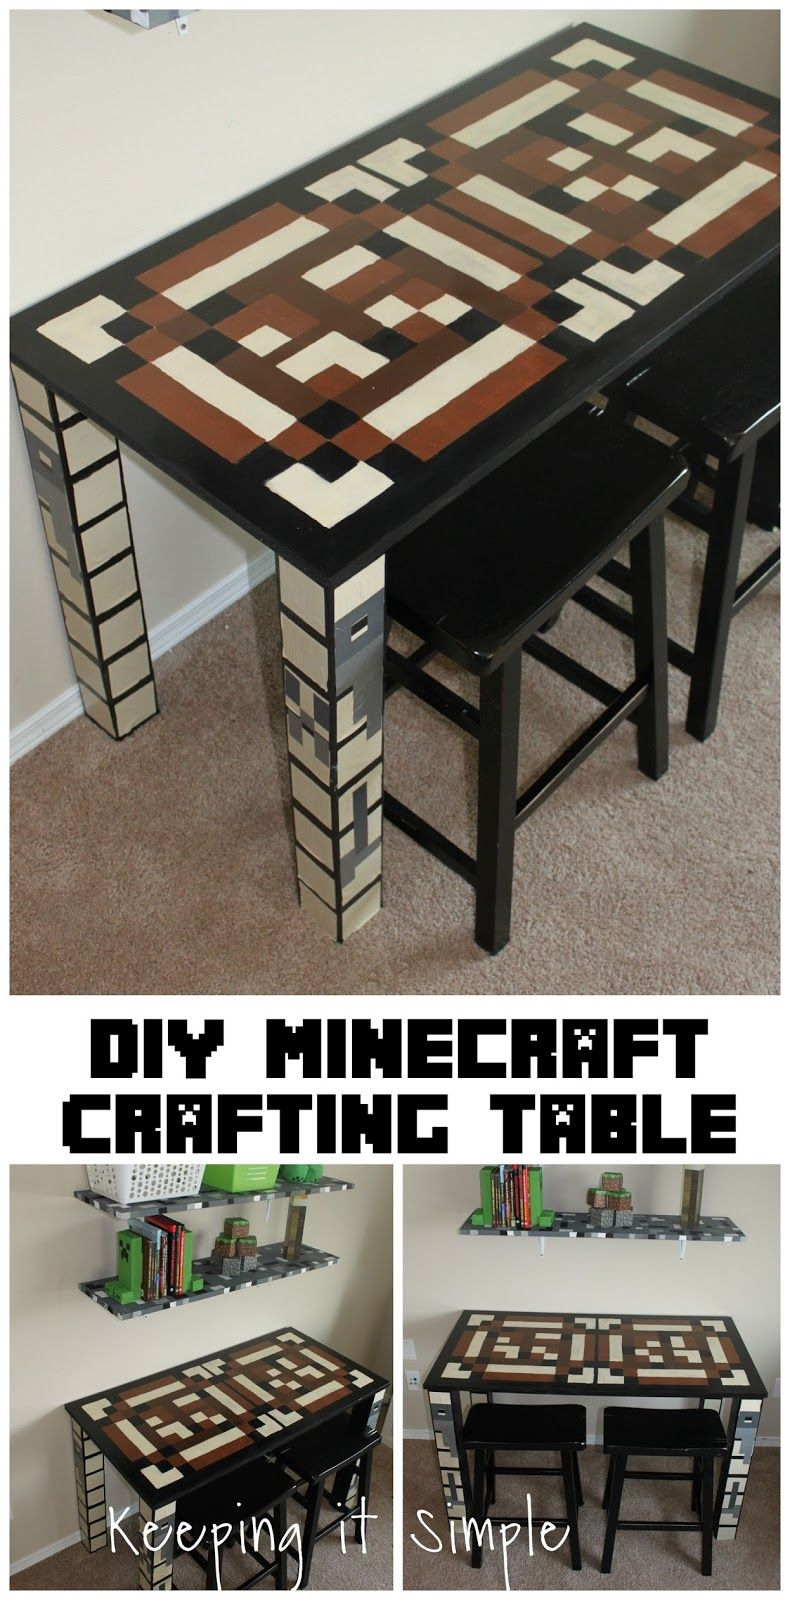 Diy minecraft furniture minecraft crafting table minecraft diy minecraft furniture minecraft crafting table minecraft keepingitsimple geotapseo Gallery